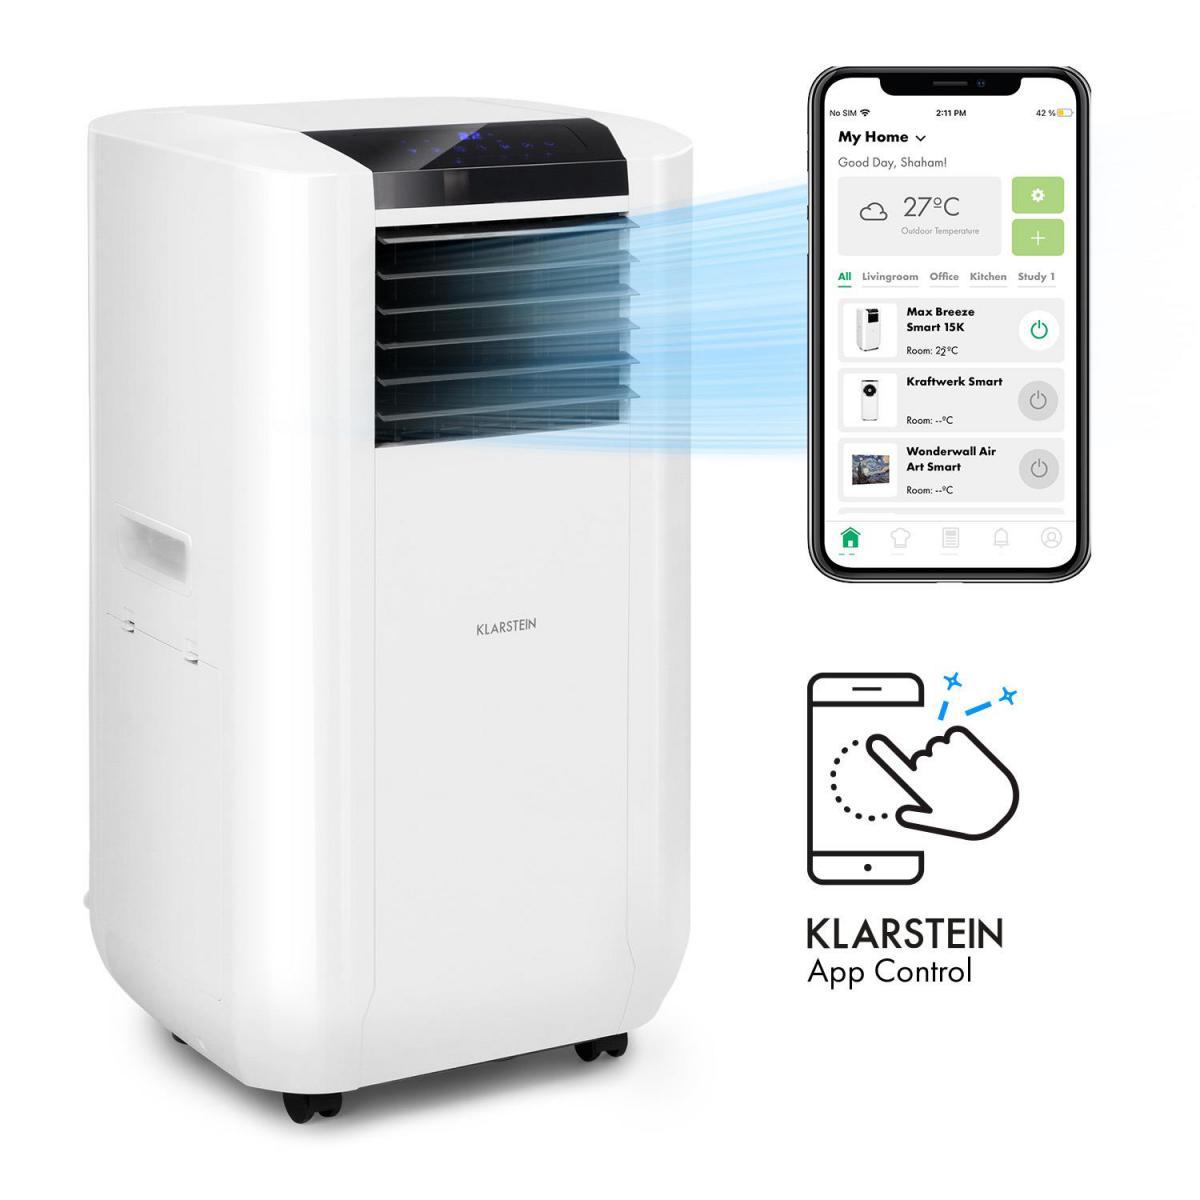 Klarstein Climatiseur mobile connecté - Klarstein Max Breeze Smart 15K - 15000 BTU (44 kW) - 500 m³/h - Blanc